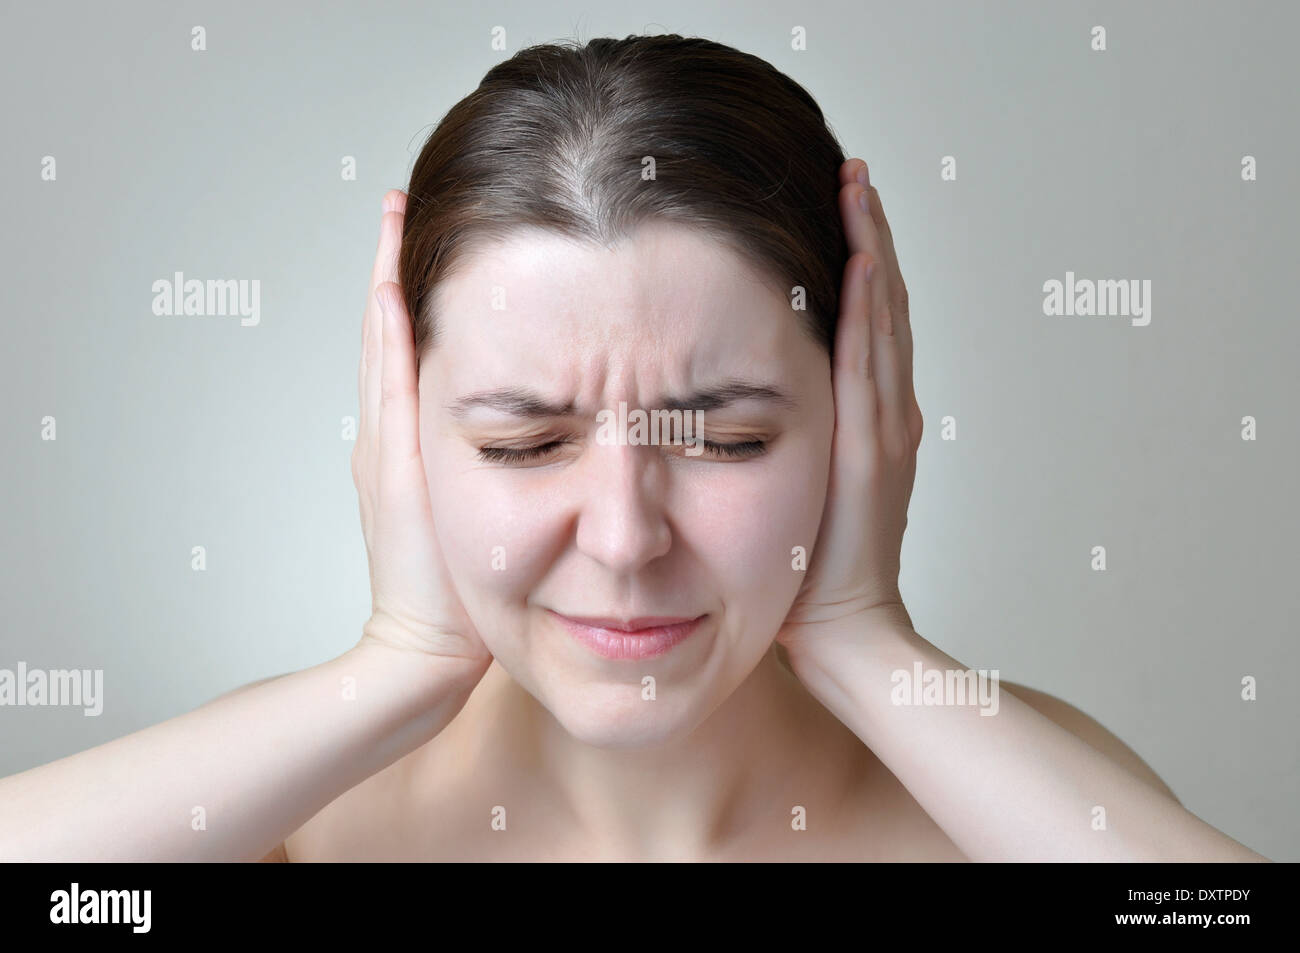 Contaminación acústica Imagen De Stock